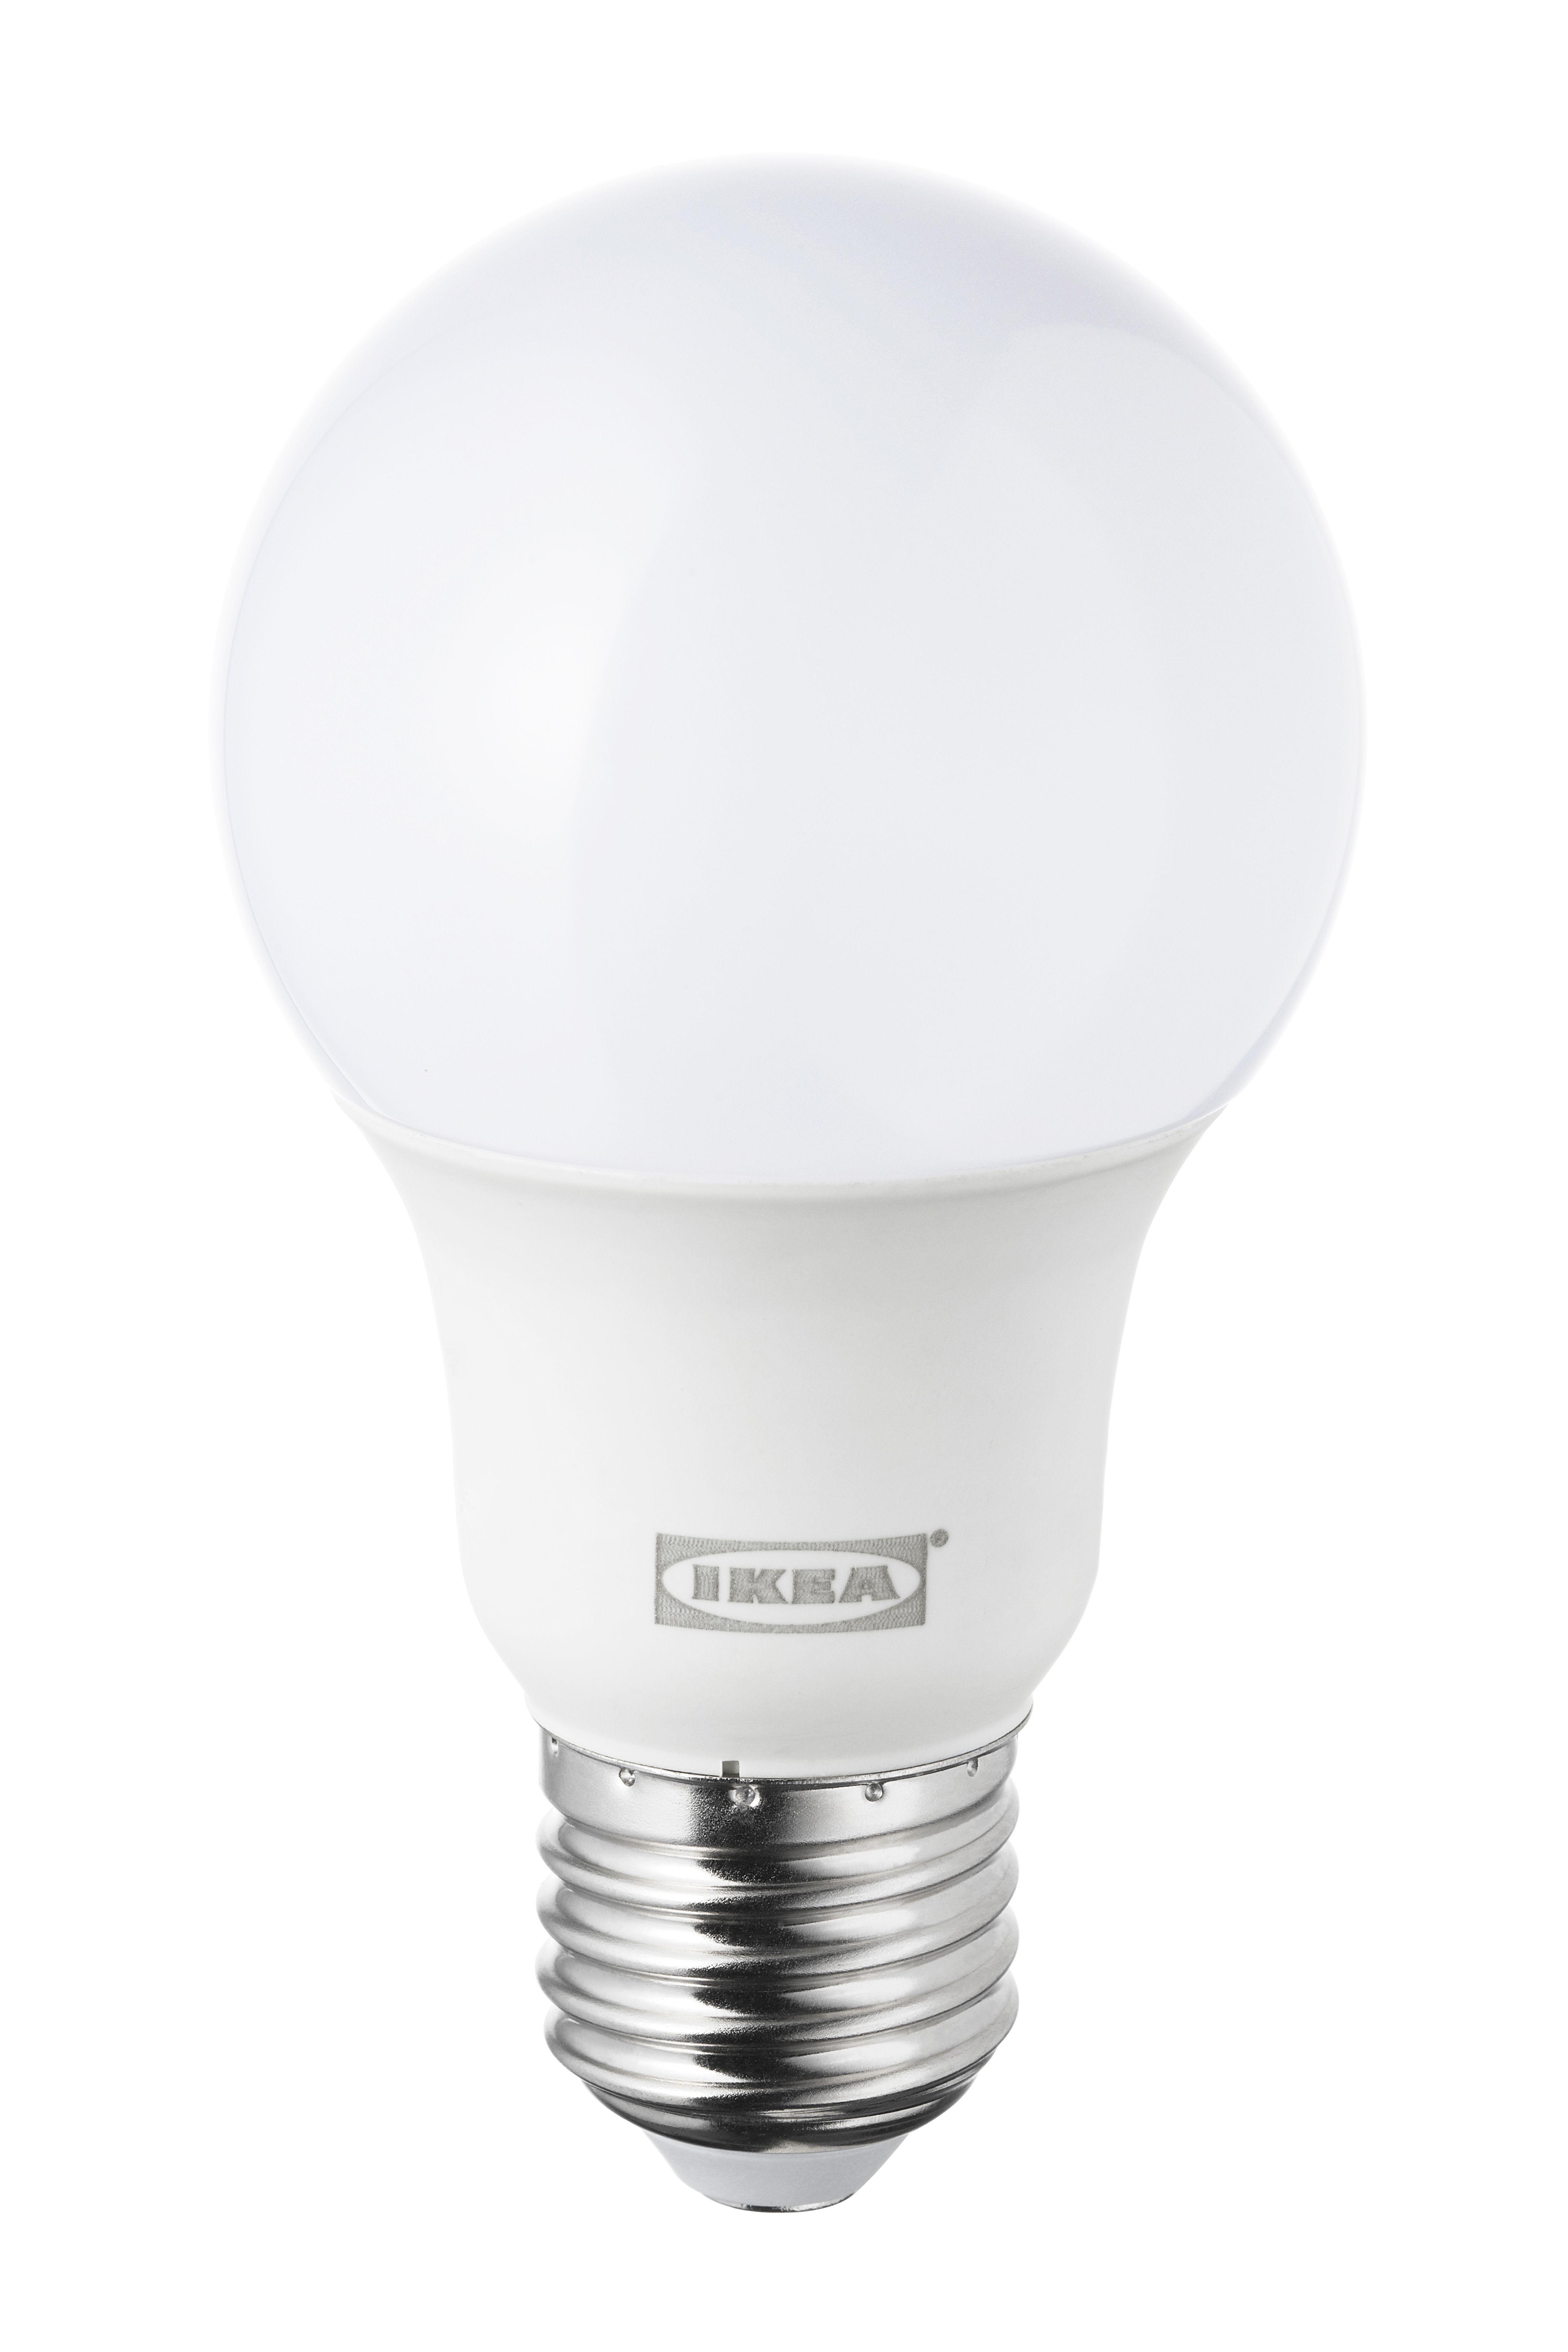 Ikea Deutschland Du Kannst Das Licht Ein Und Ausschalten Dimmen Die Lichtfarbe Verandern Und Noch Vieles Mehr Tun Und Das Gan Beleuchtung Led Lampe Ikea